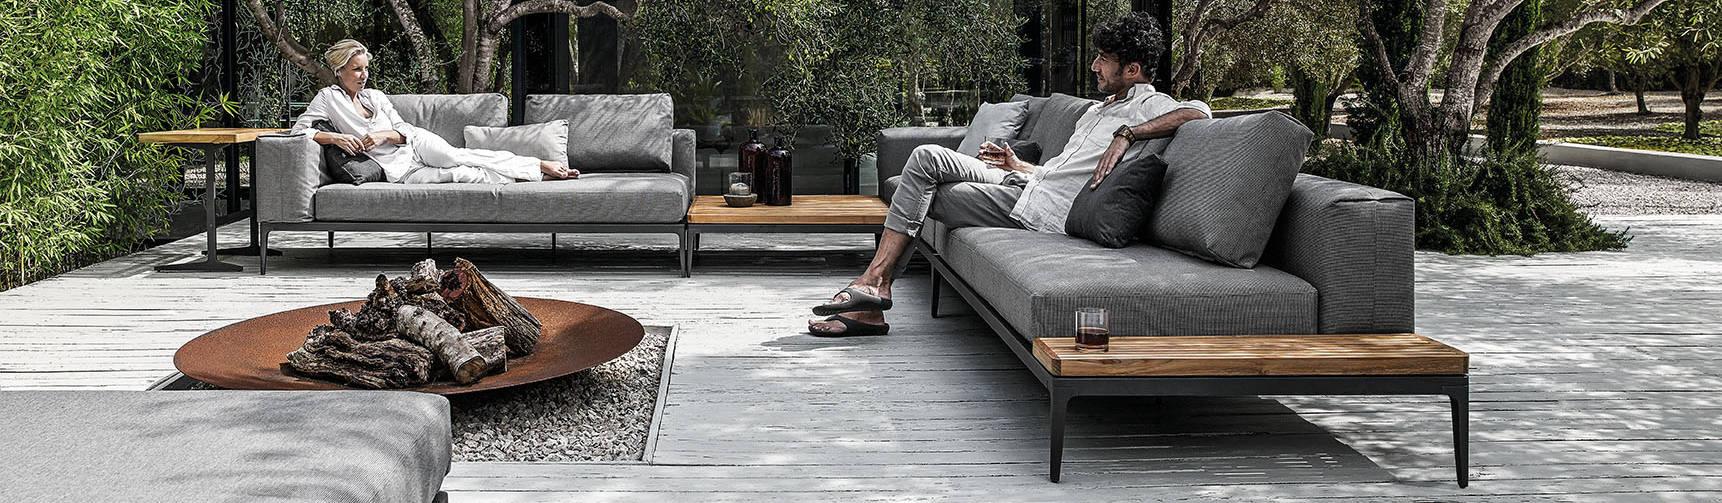 outdoor lounges mit wasserfesten polstern von friedrich living e k homify. Black Bedroom Furniture Sets. Home Design Ideas